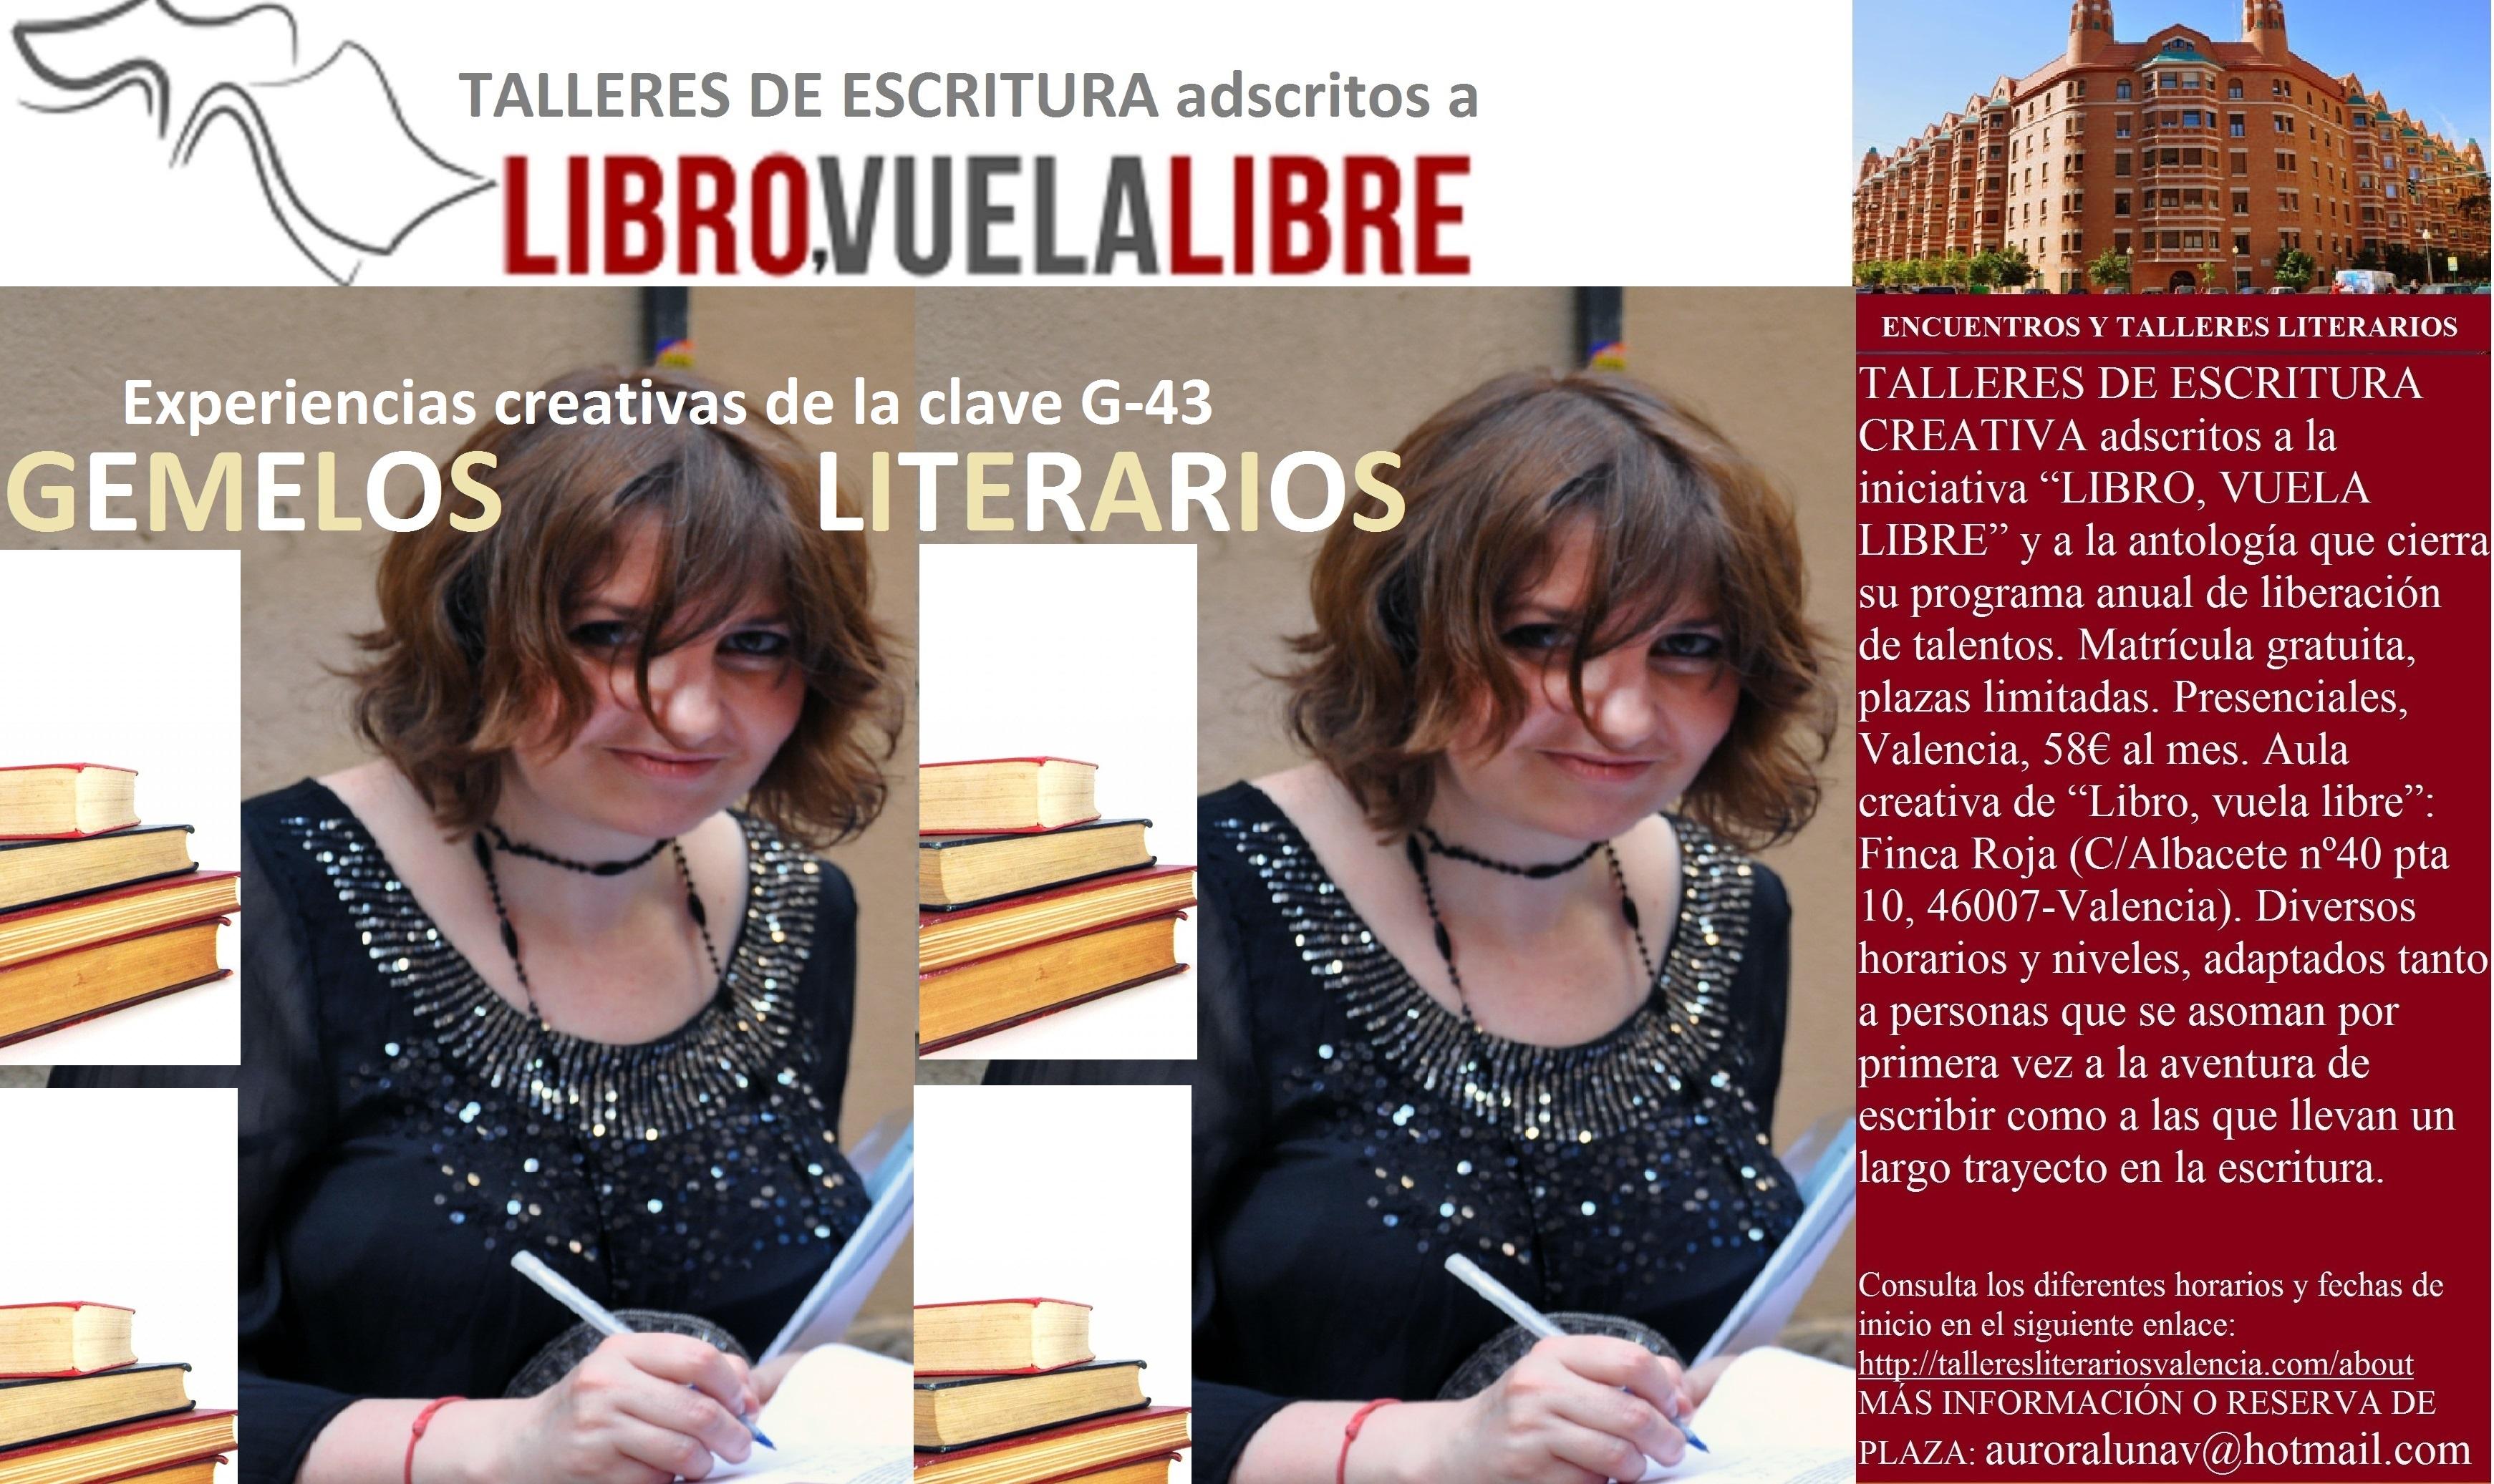 GEMELOS LITERARIOS. Talleres y cursos en Valencia de escritura creativa. Clave G-43